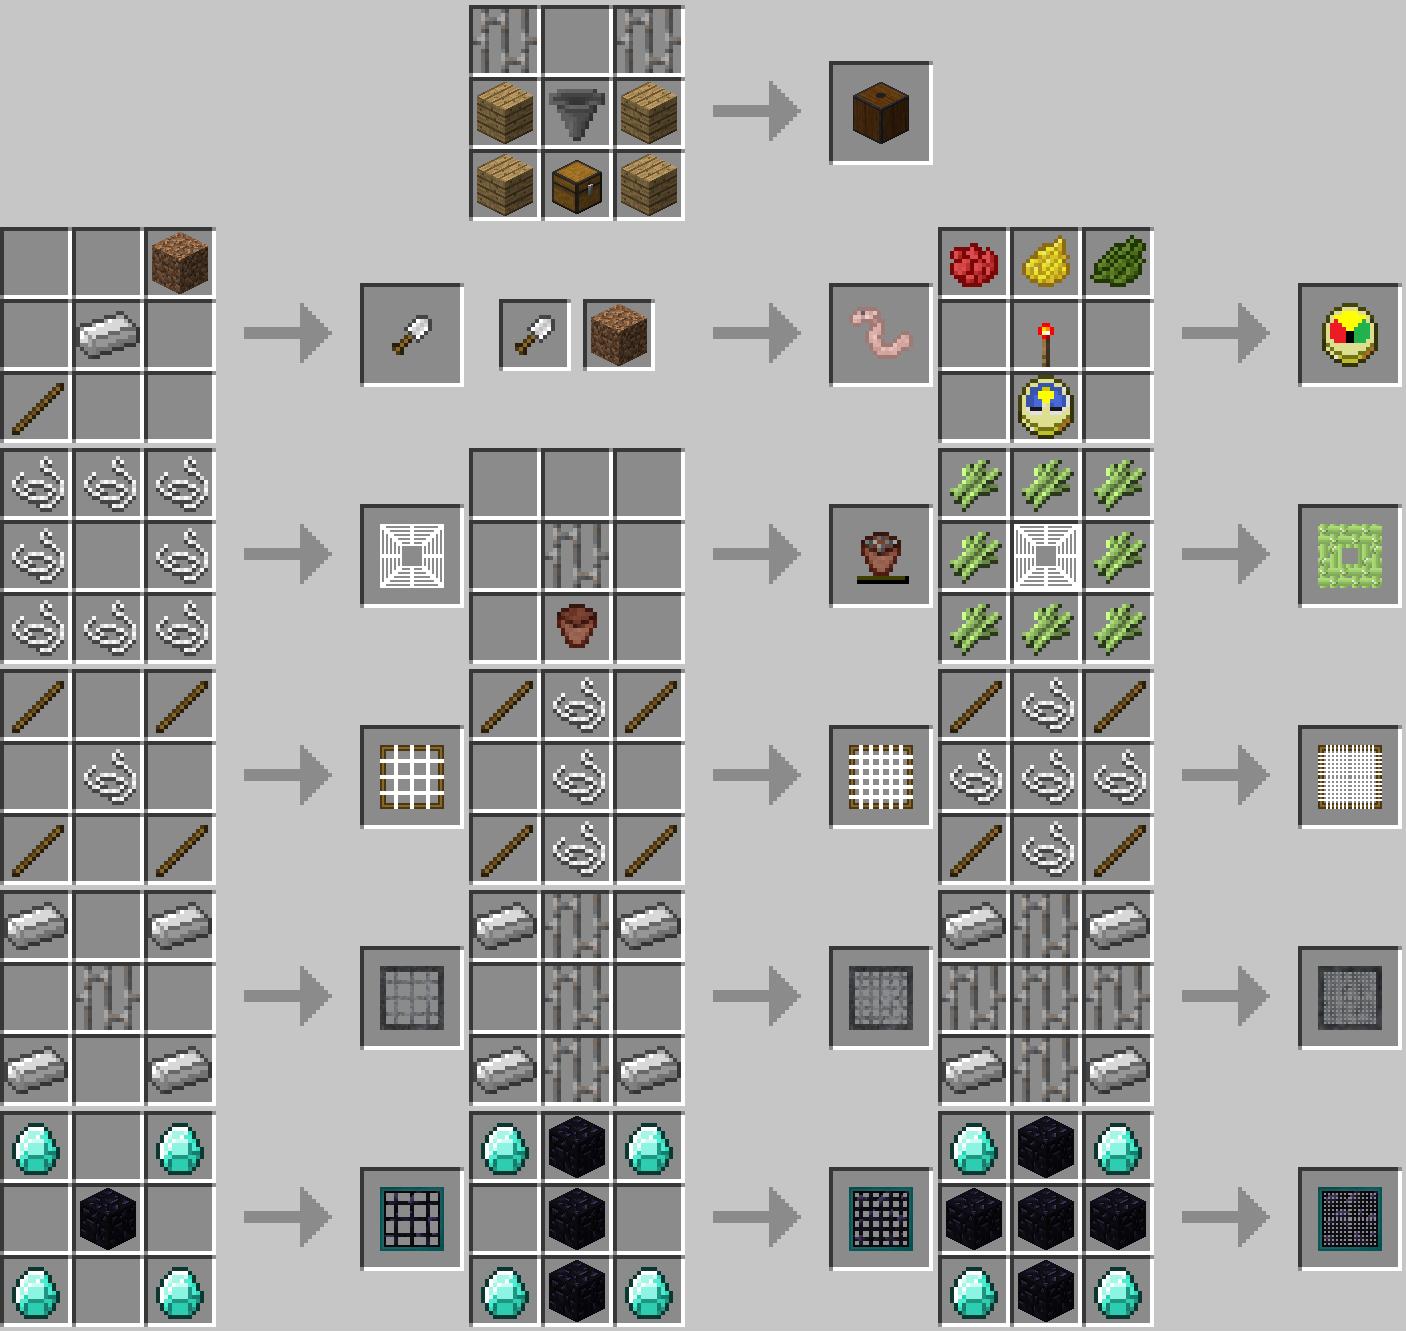 Colador de agua Mod Crafting Recetas 1